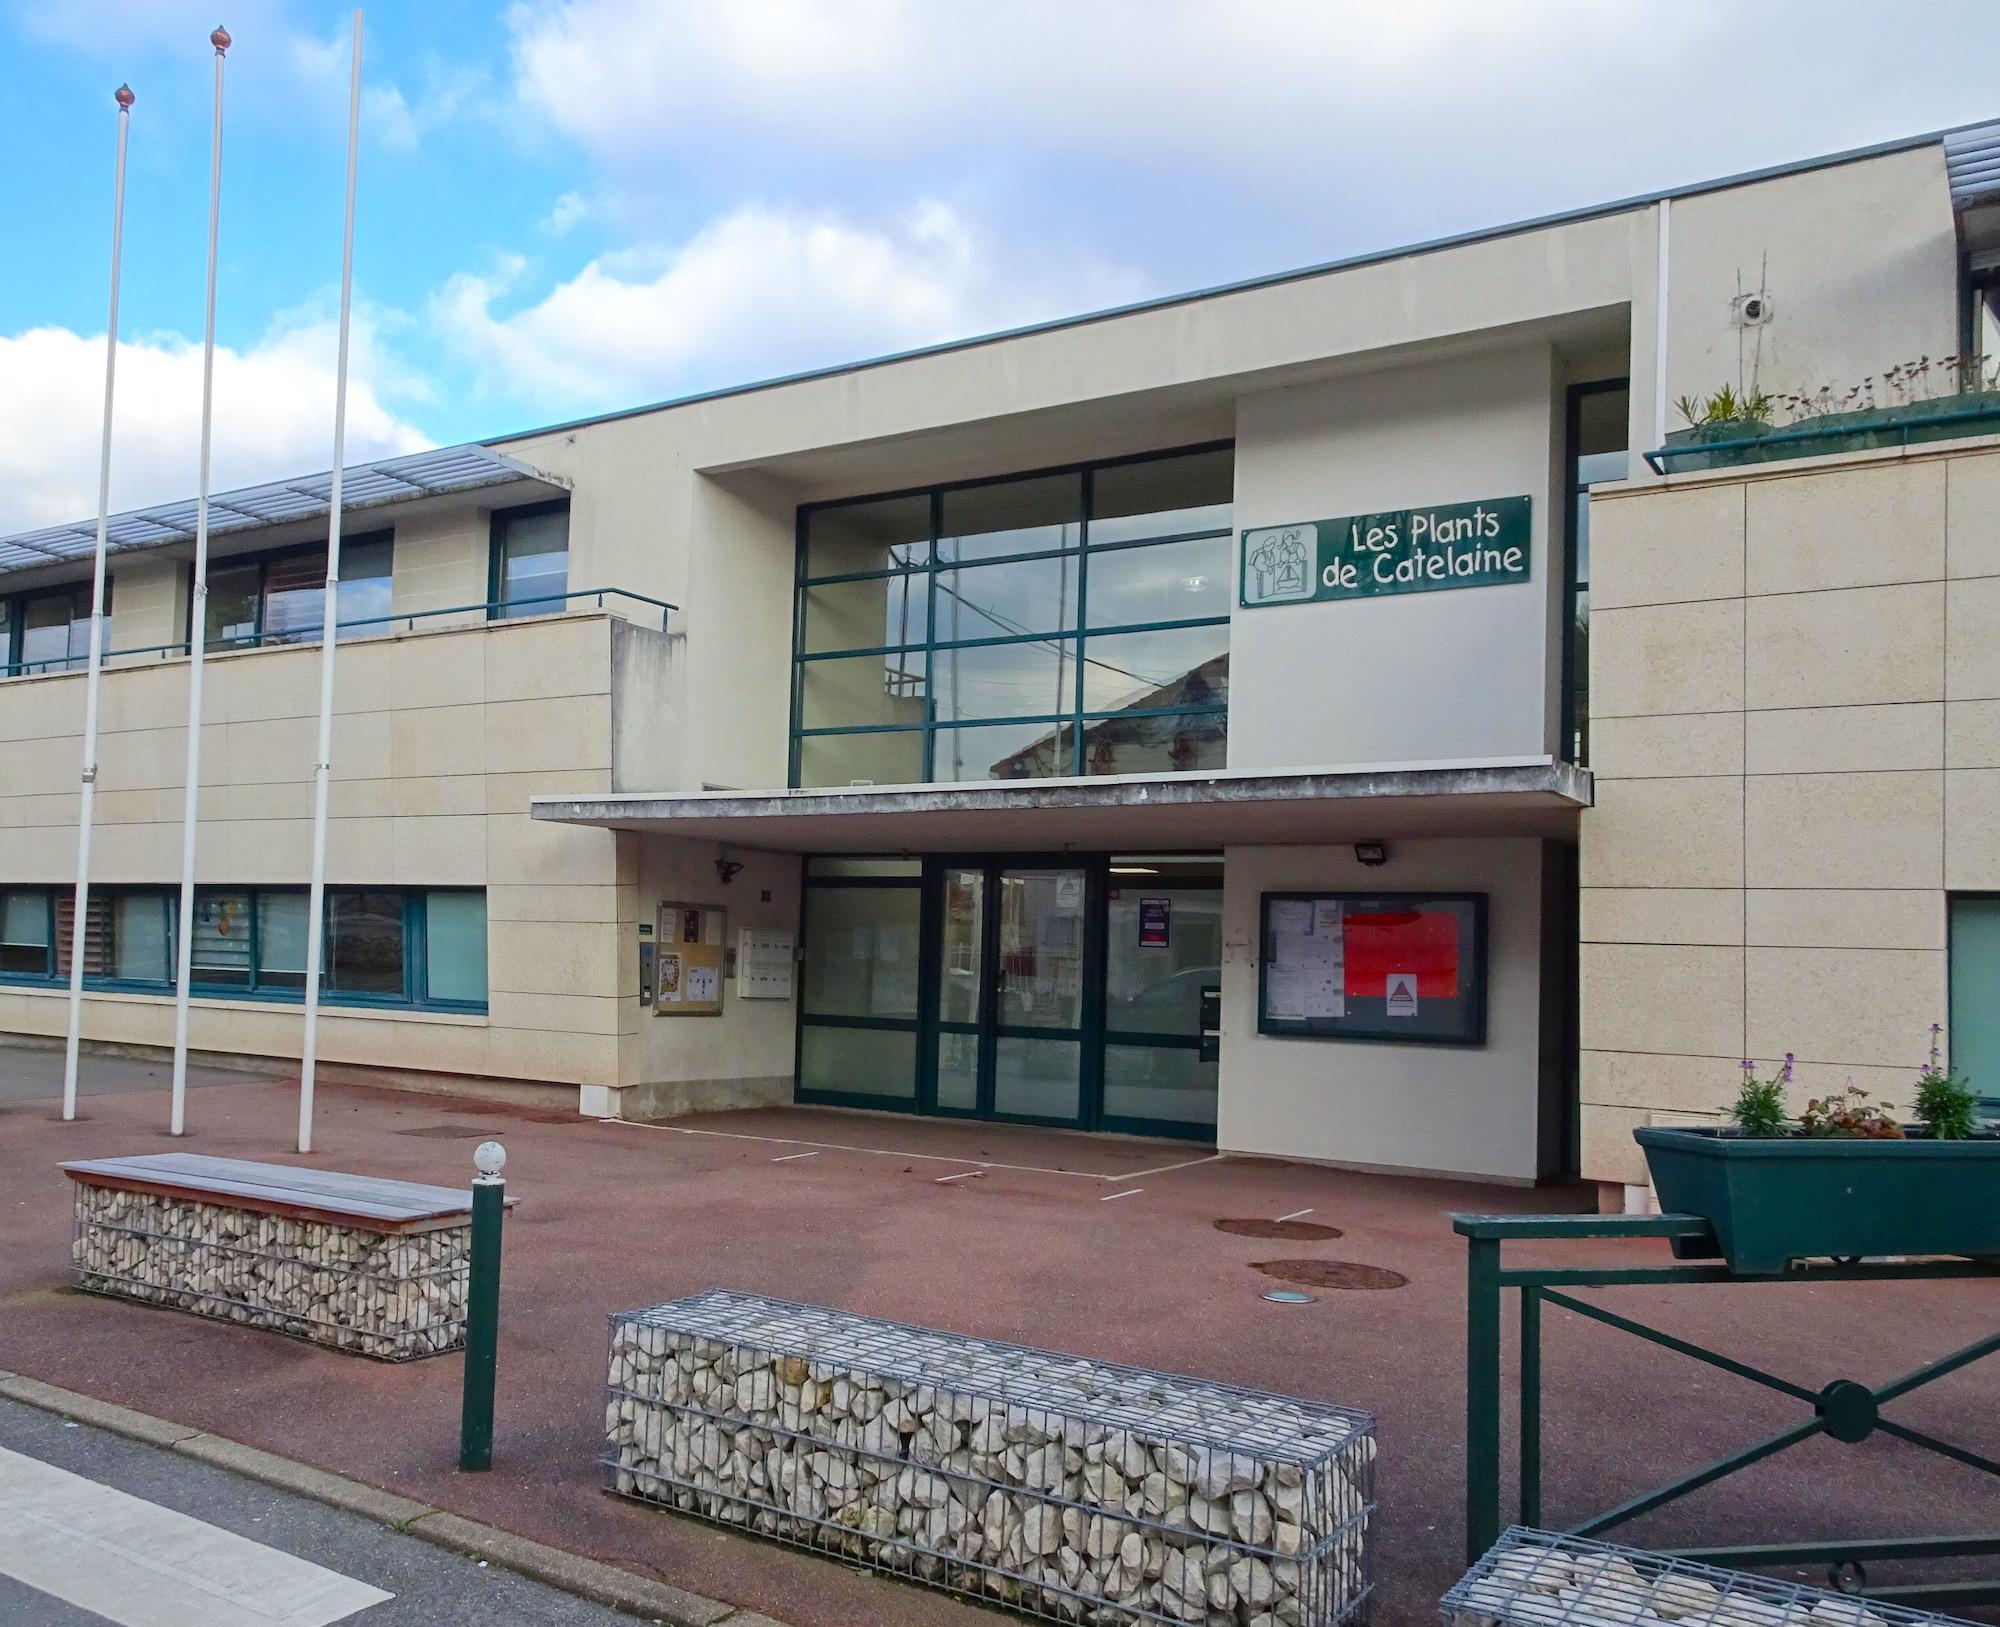 Ecole Les Plants de Catelaine Carrières sur Seine